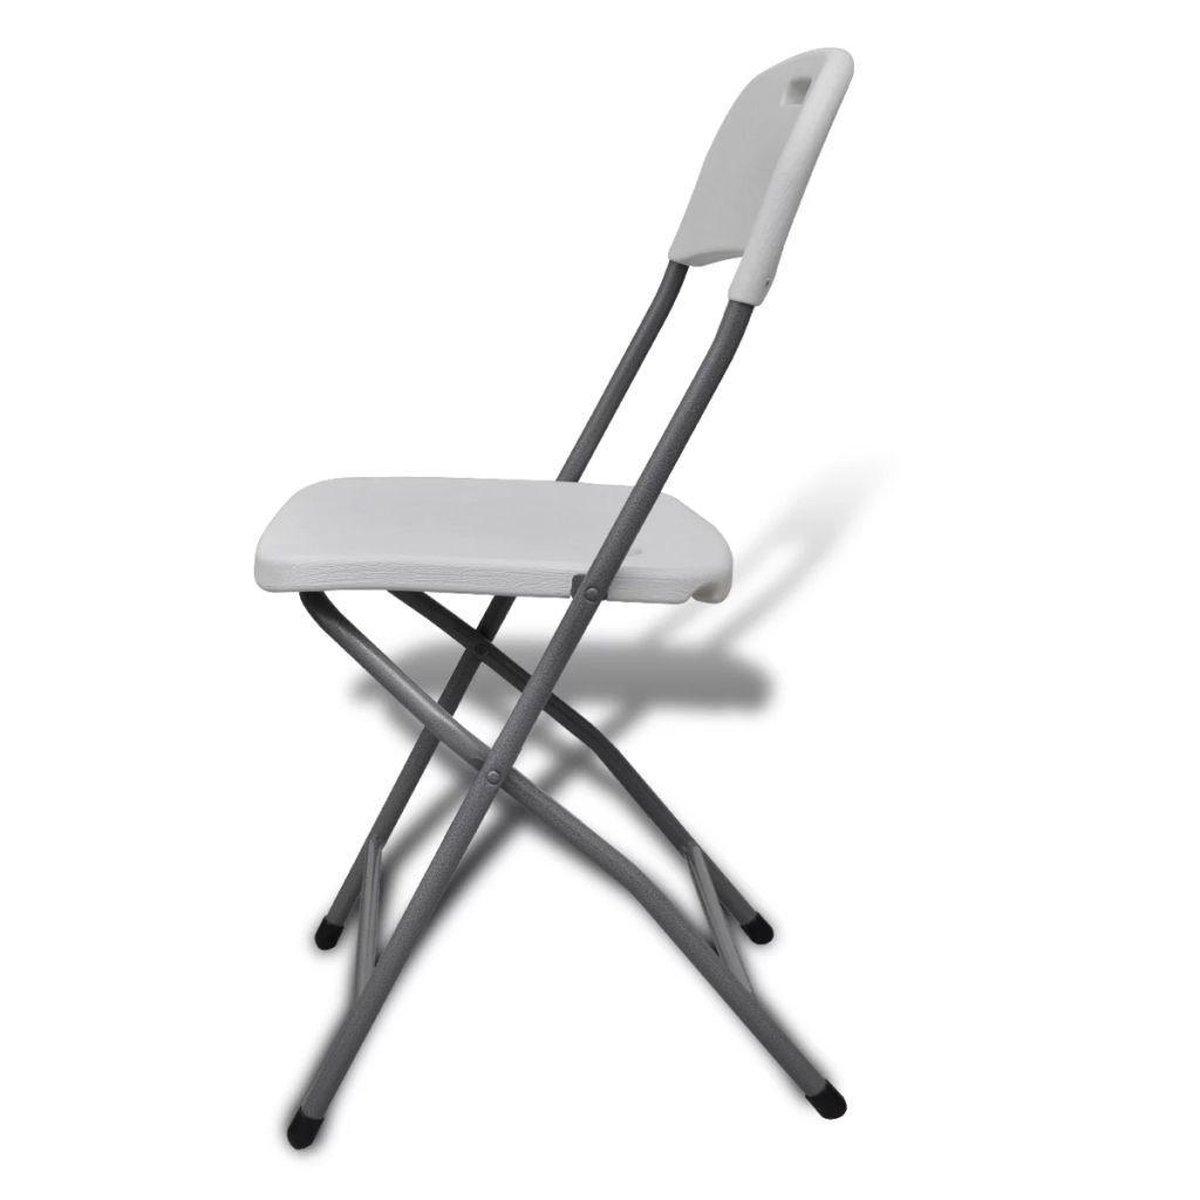 Klapstoelen voor buiten 4 HDPE wit 2 st